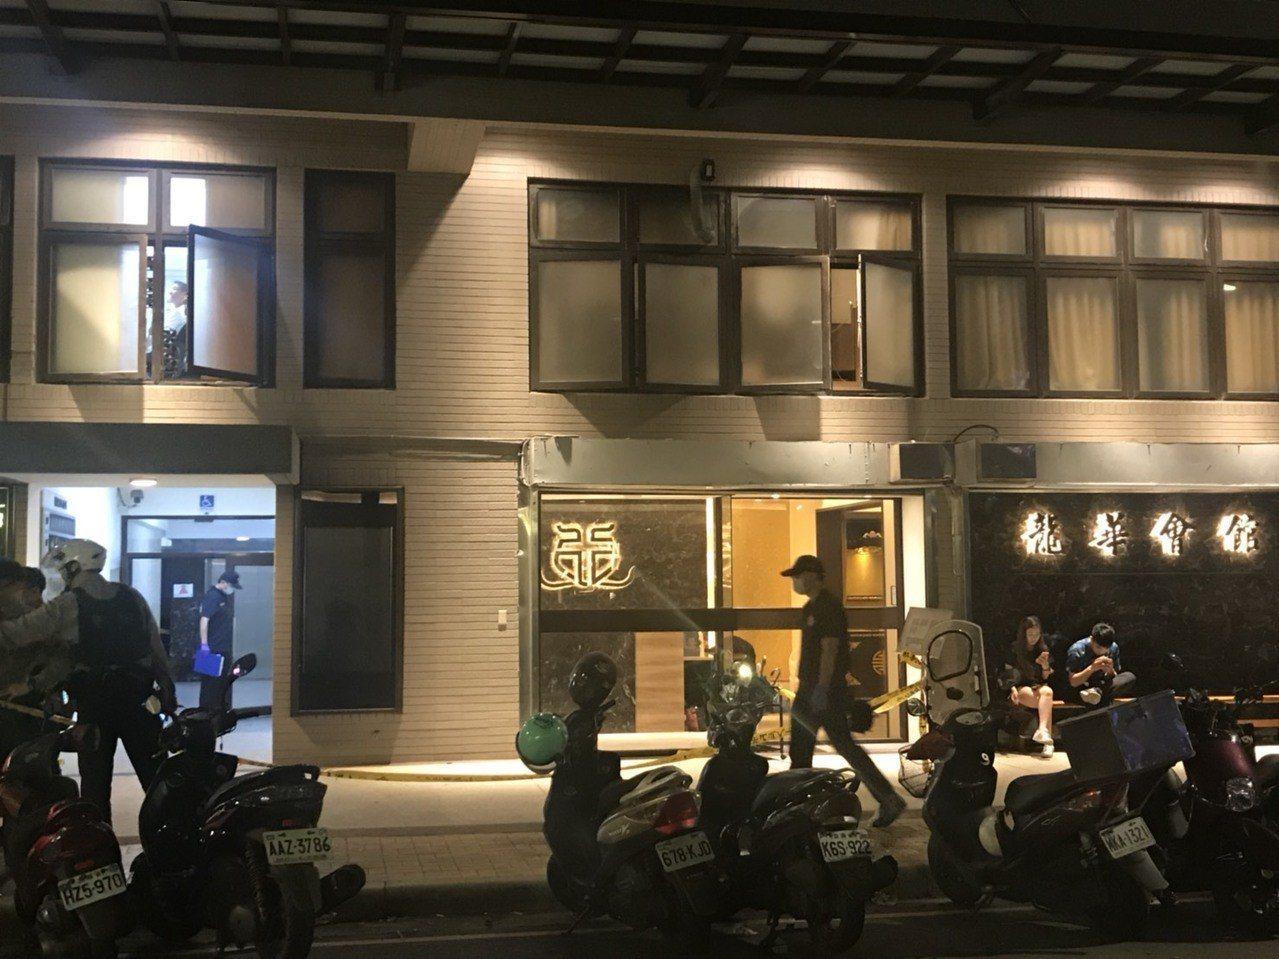 自稱從事軟體開發的吳姓男子,去年與張姓友人在新北市板橋知名禮儀公司「龍華會館」遭...